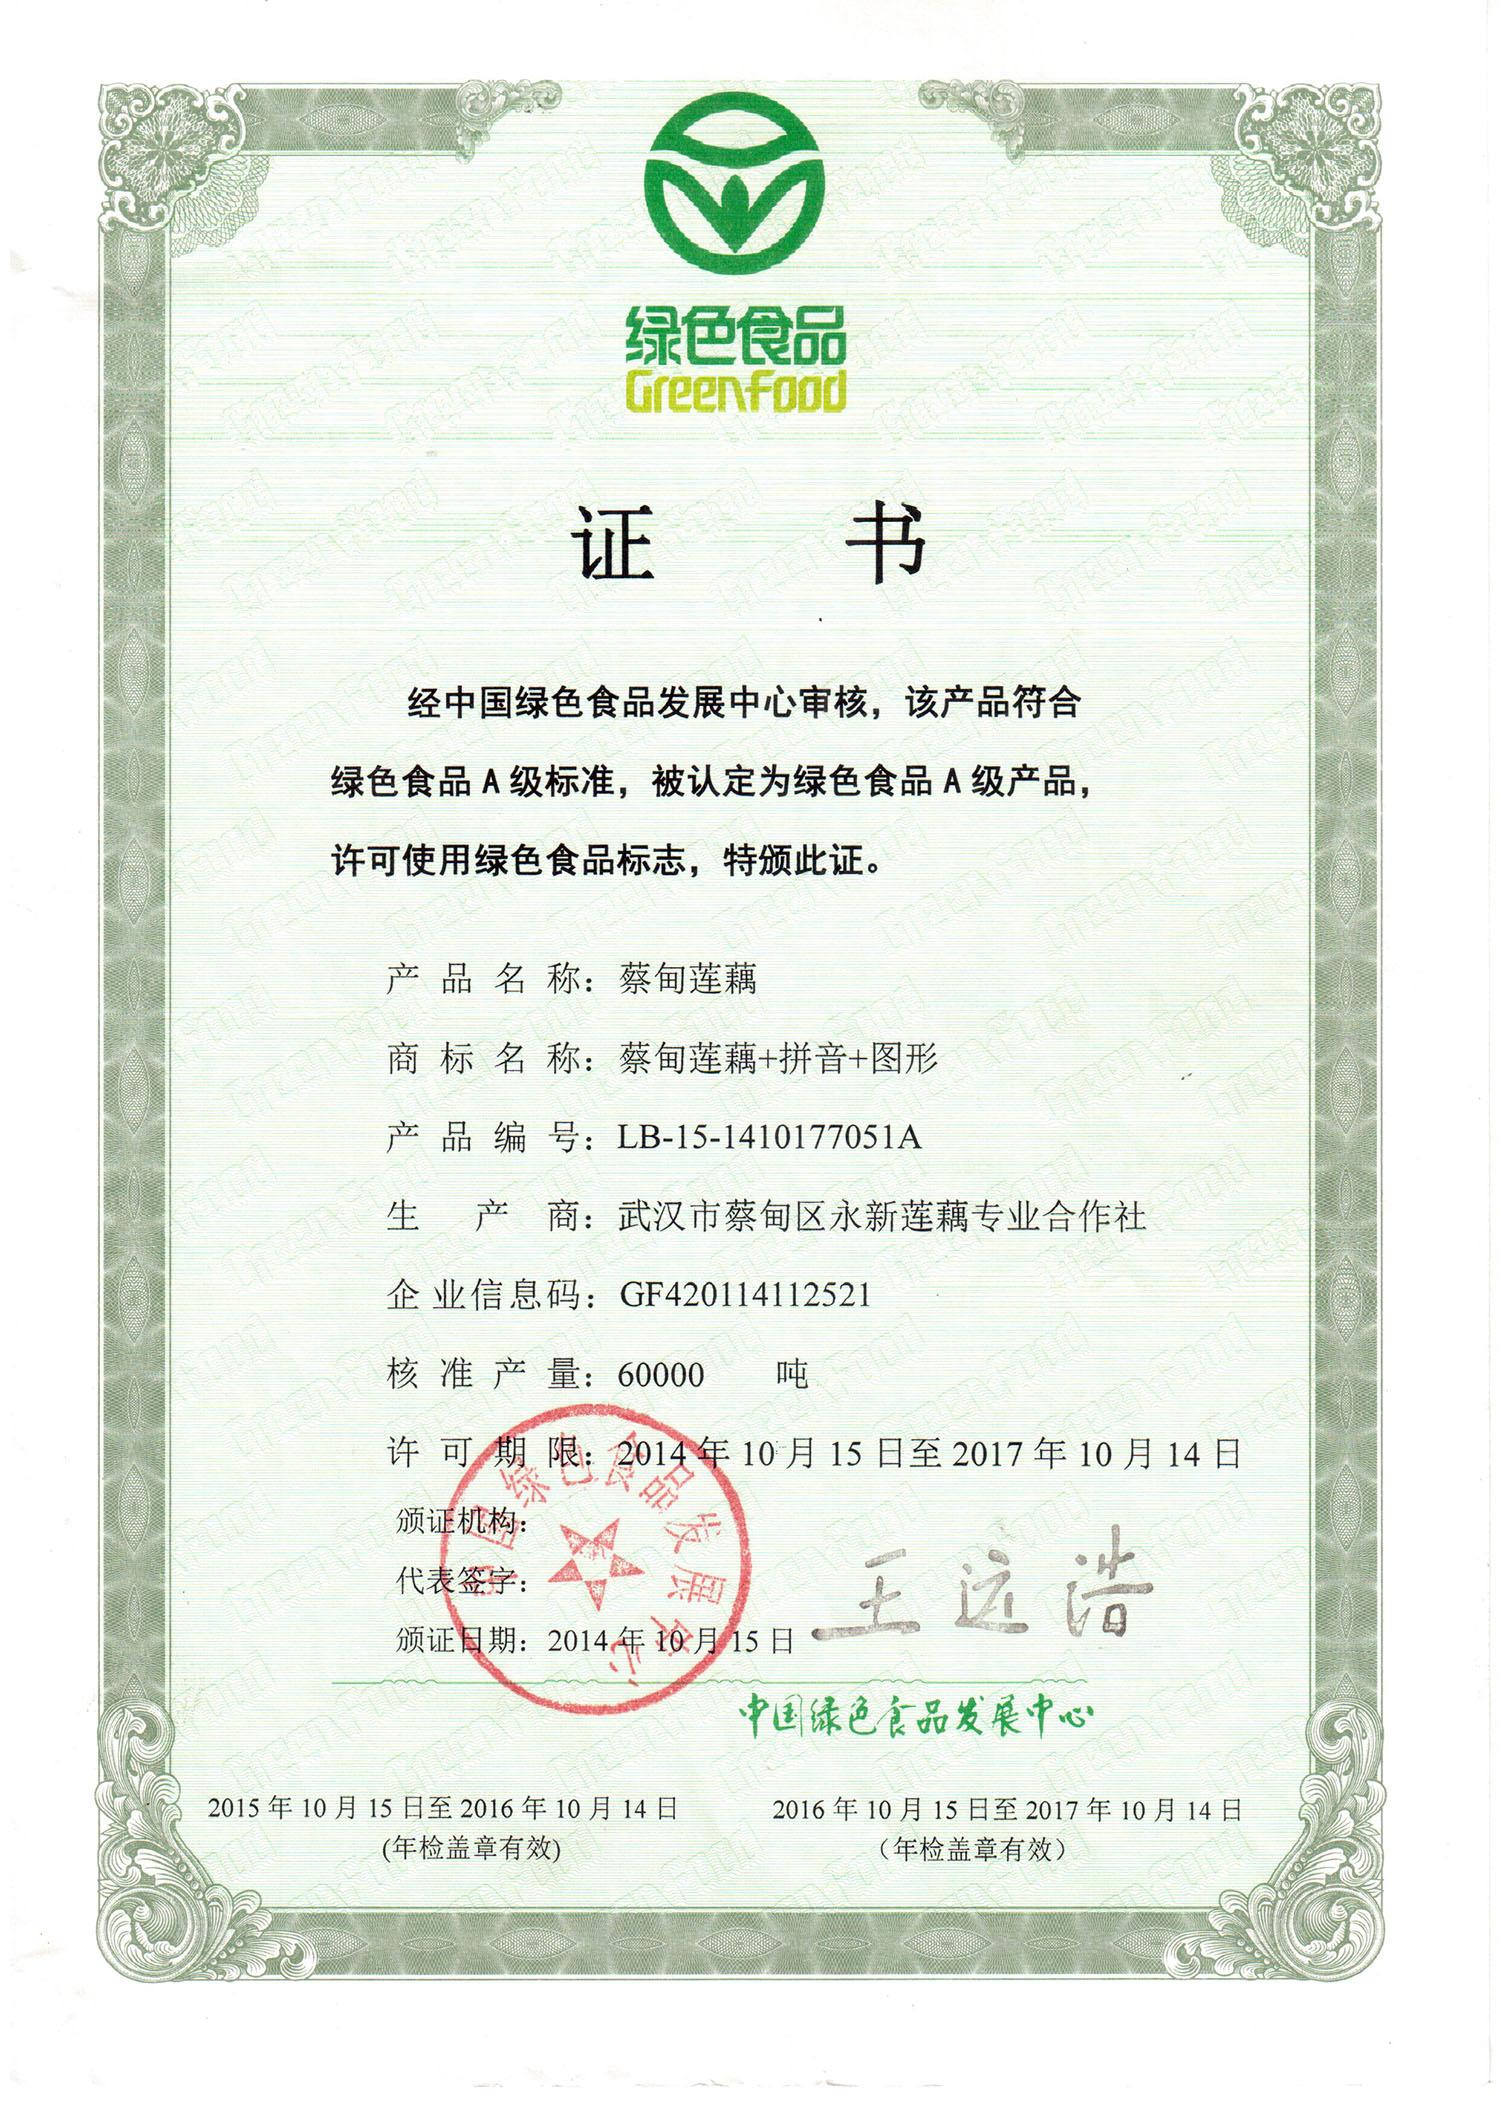 蔡甸莲藕绿色食品证书